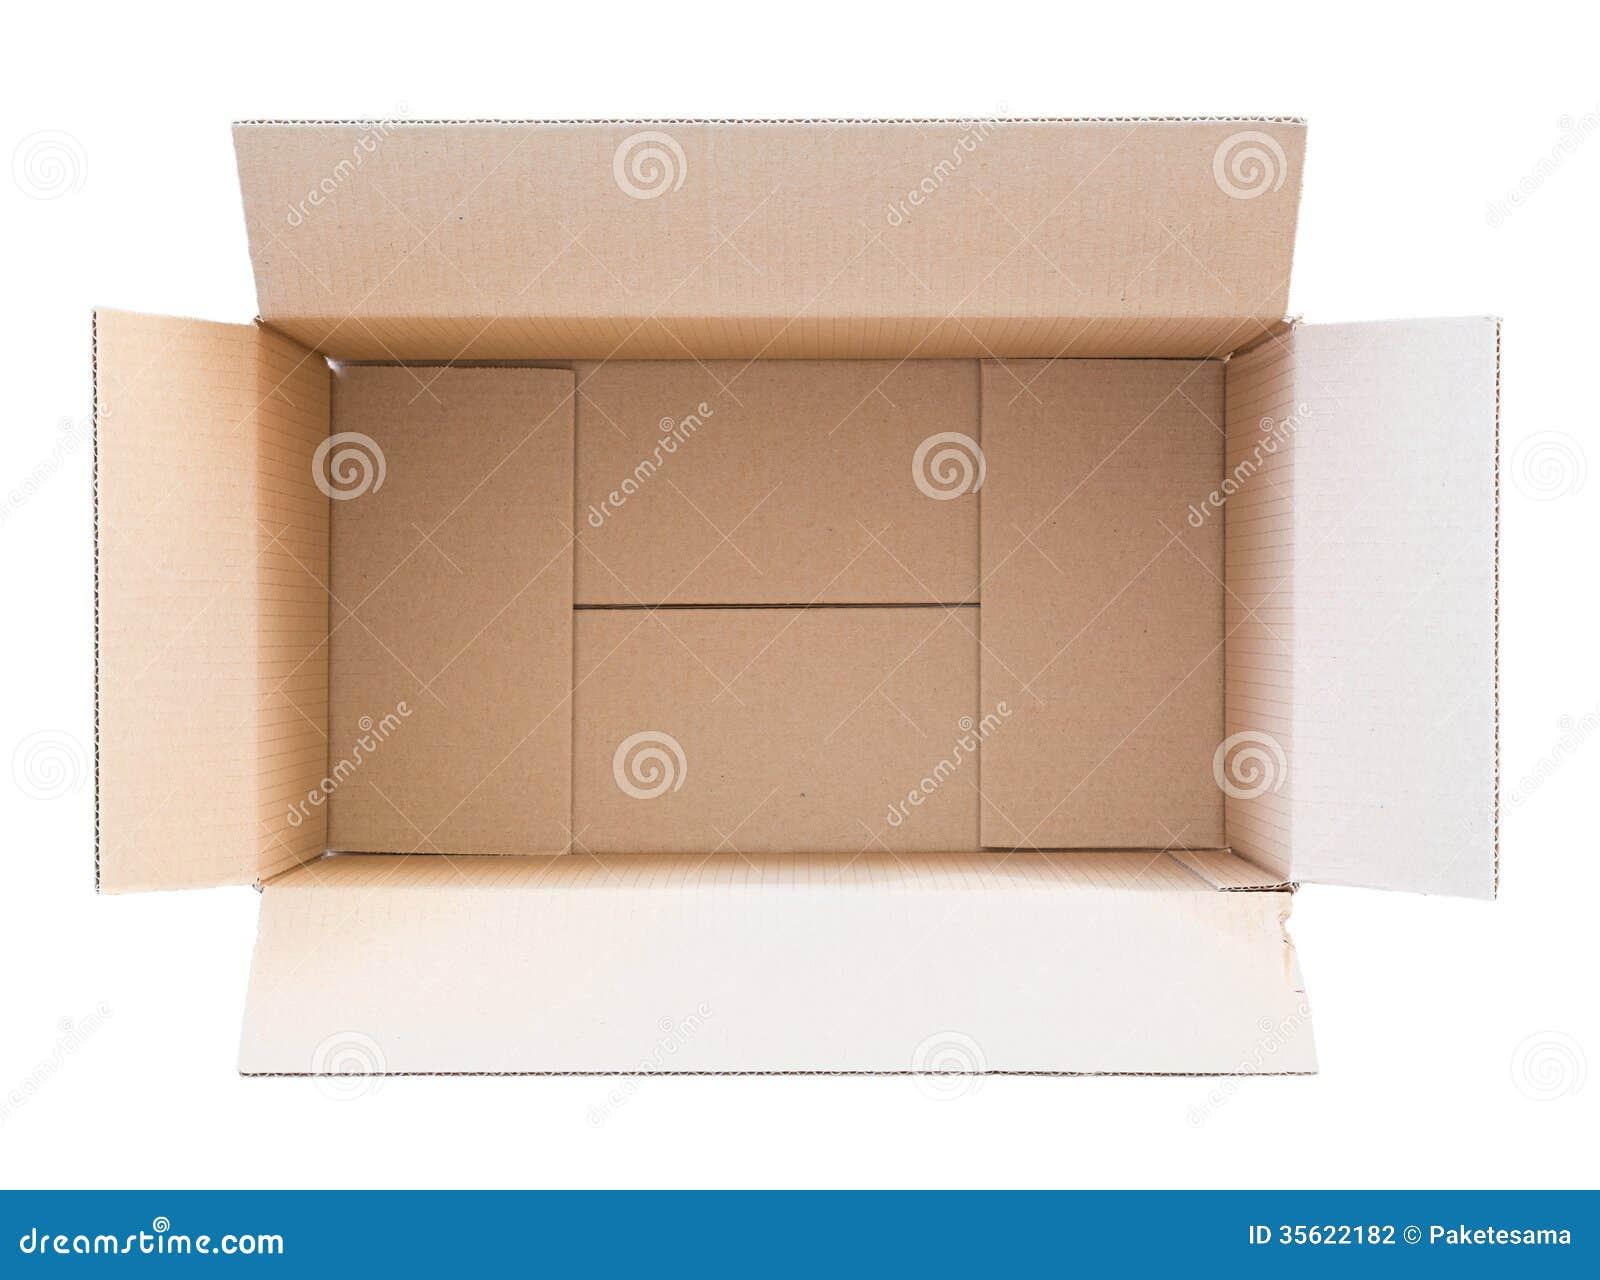 Boîte vide de carton photo stock. Image du paquet, personne